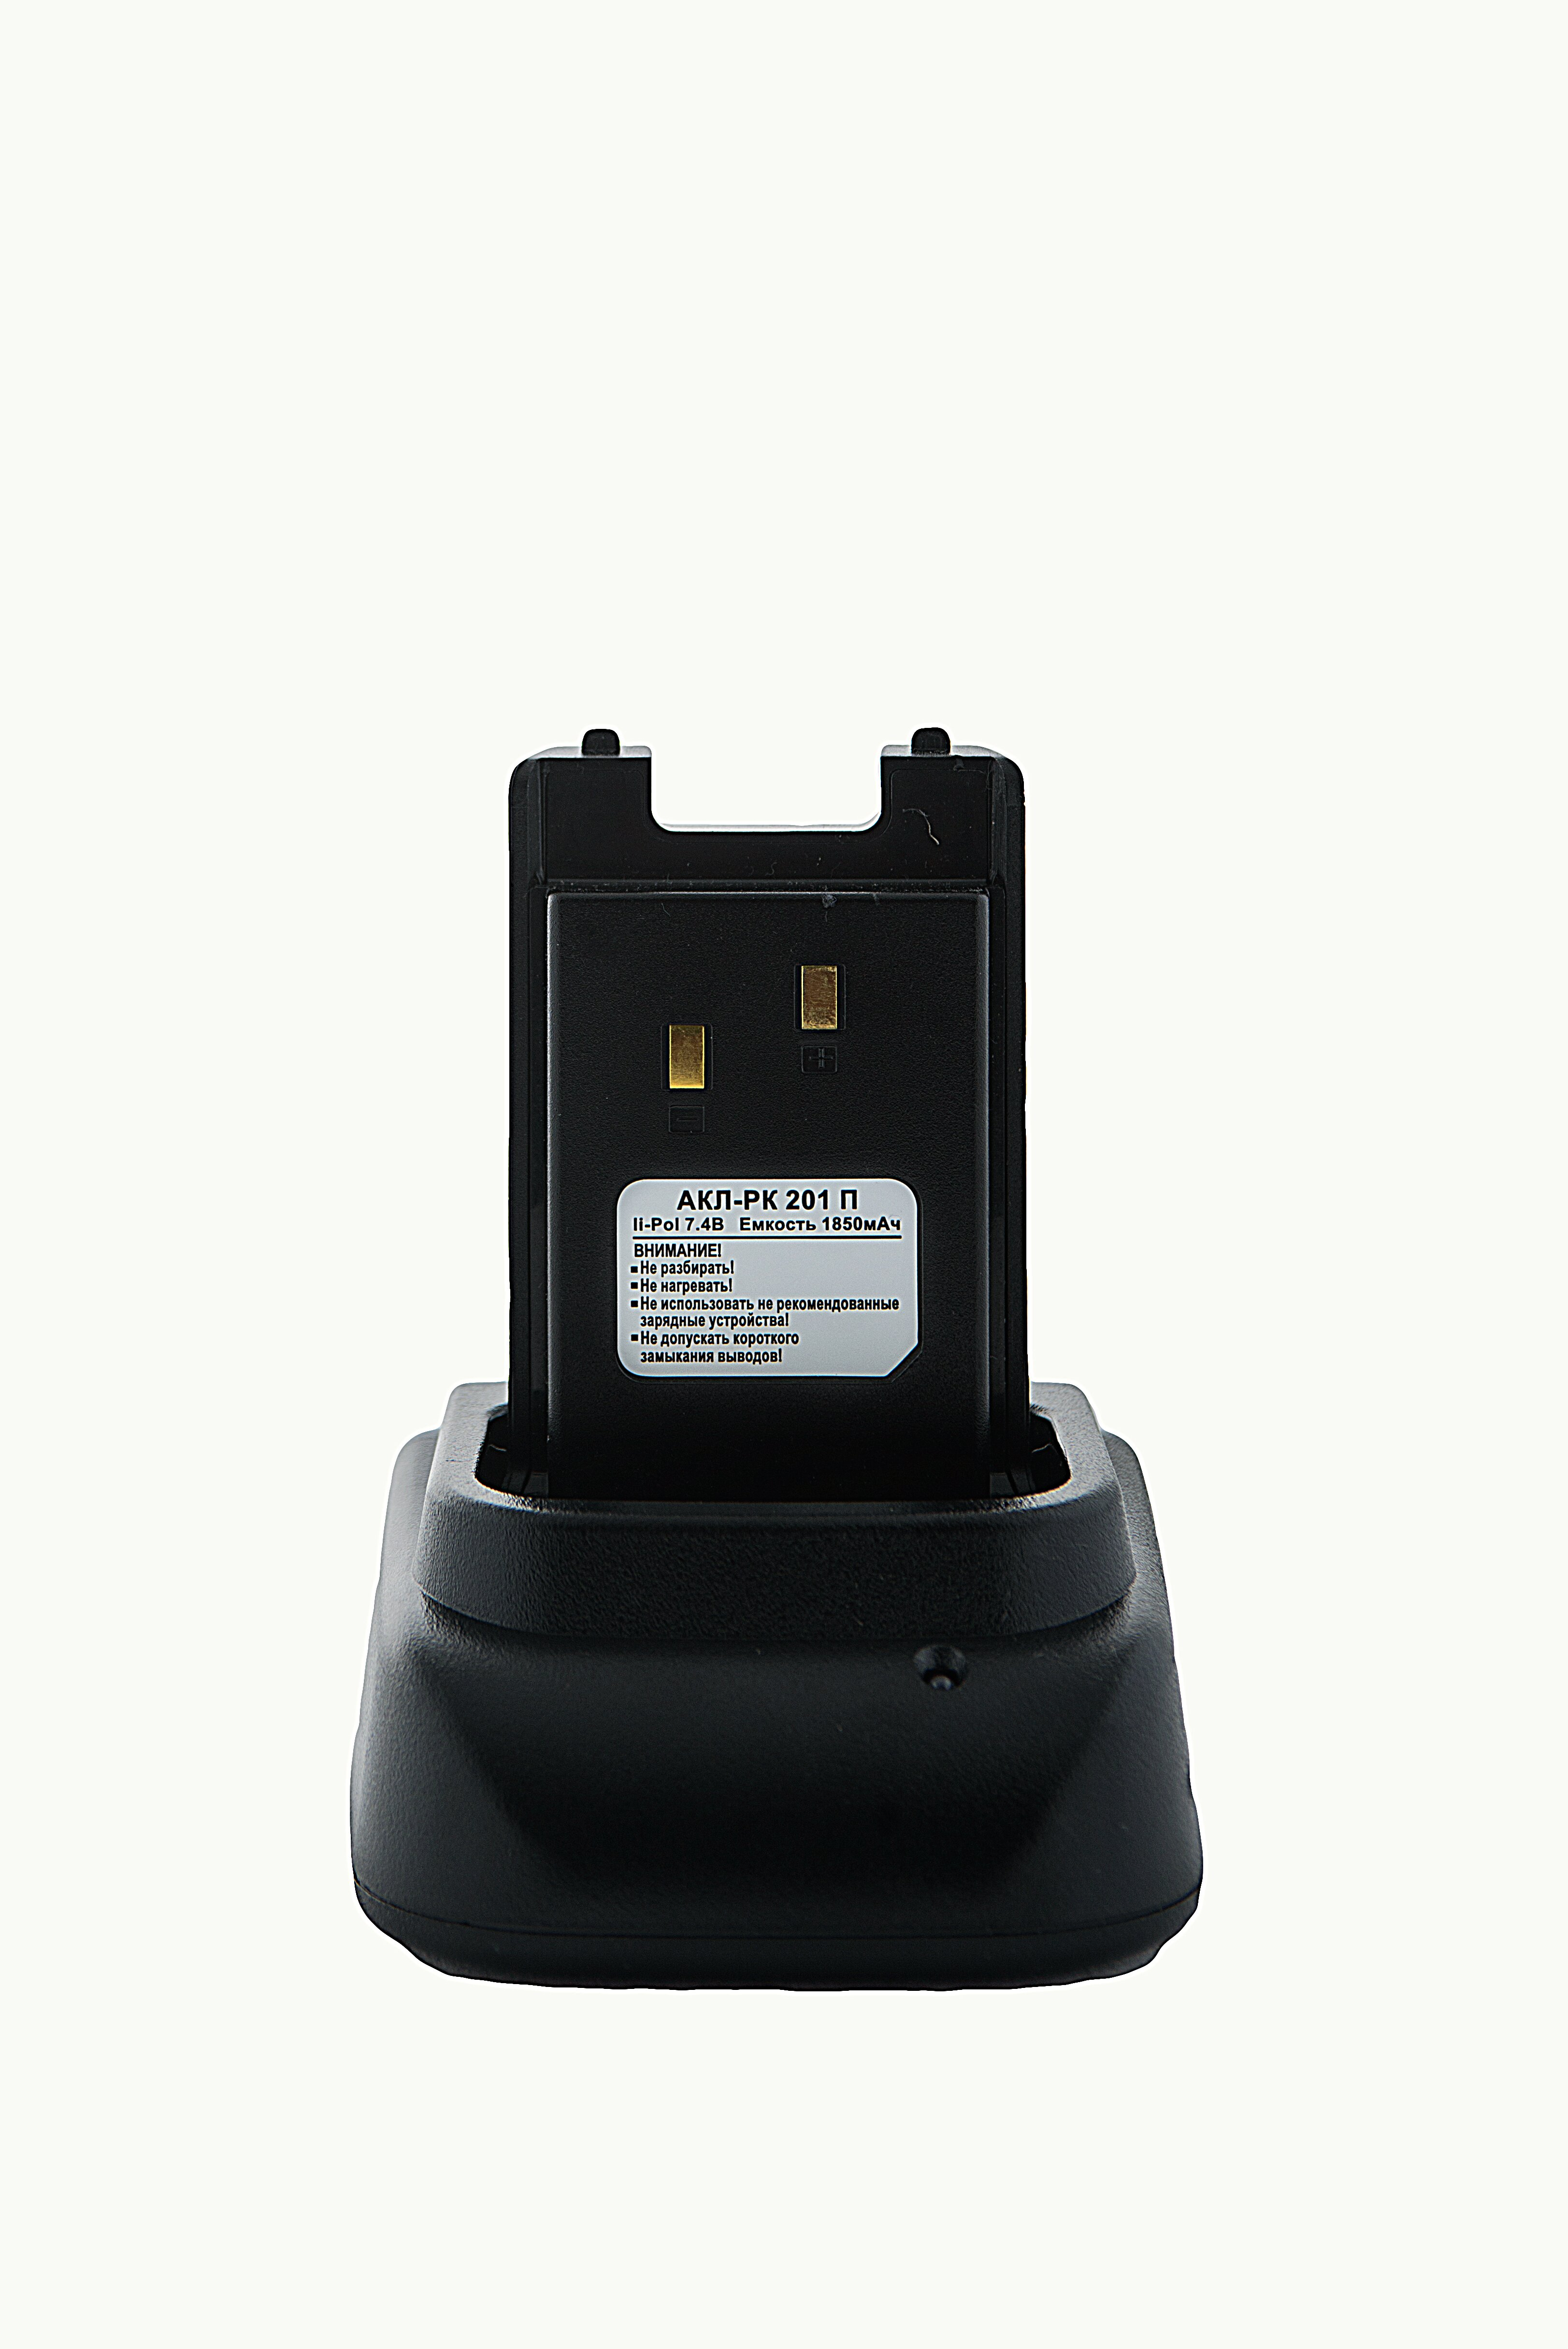 Аккумулятор для рации Терек РК201Аккумуляторы на рации<br>Аккумуляторная батарея для радиостанции Терек РК201